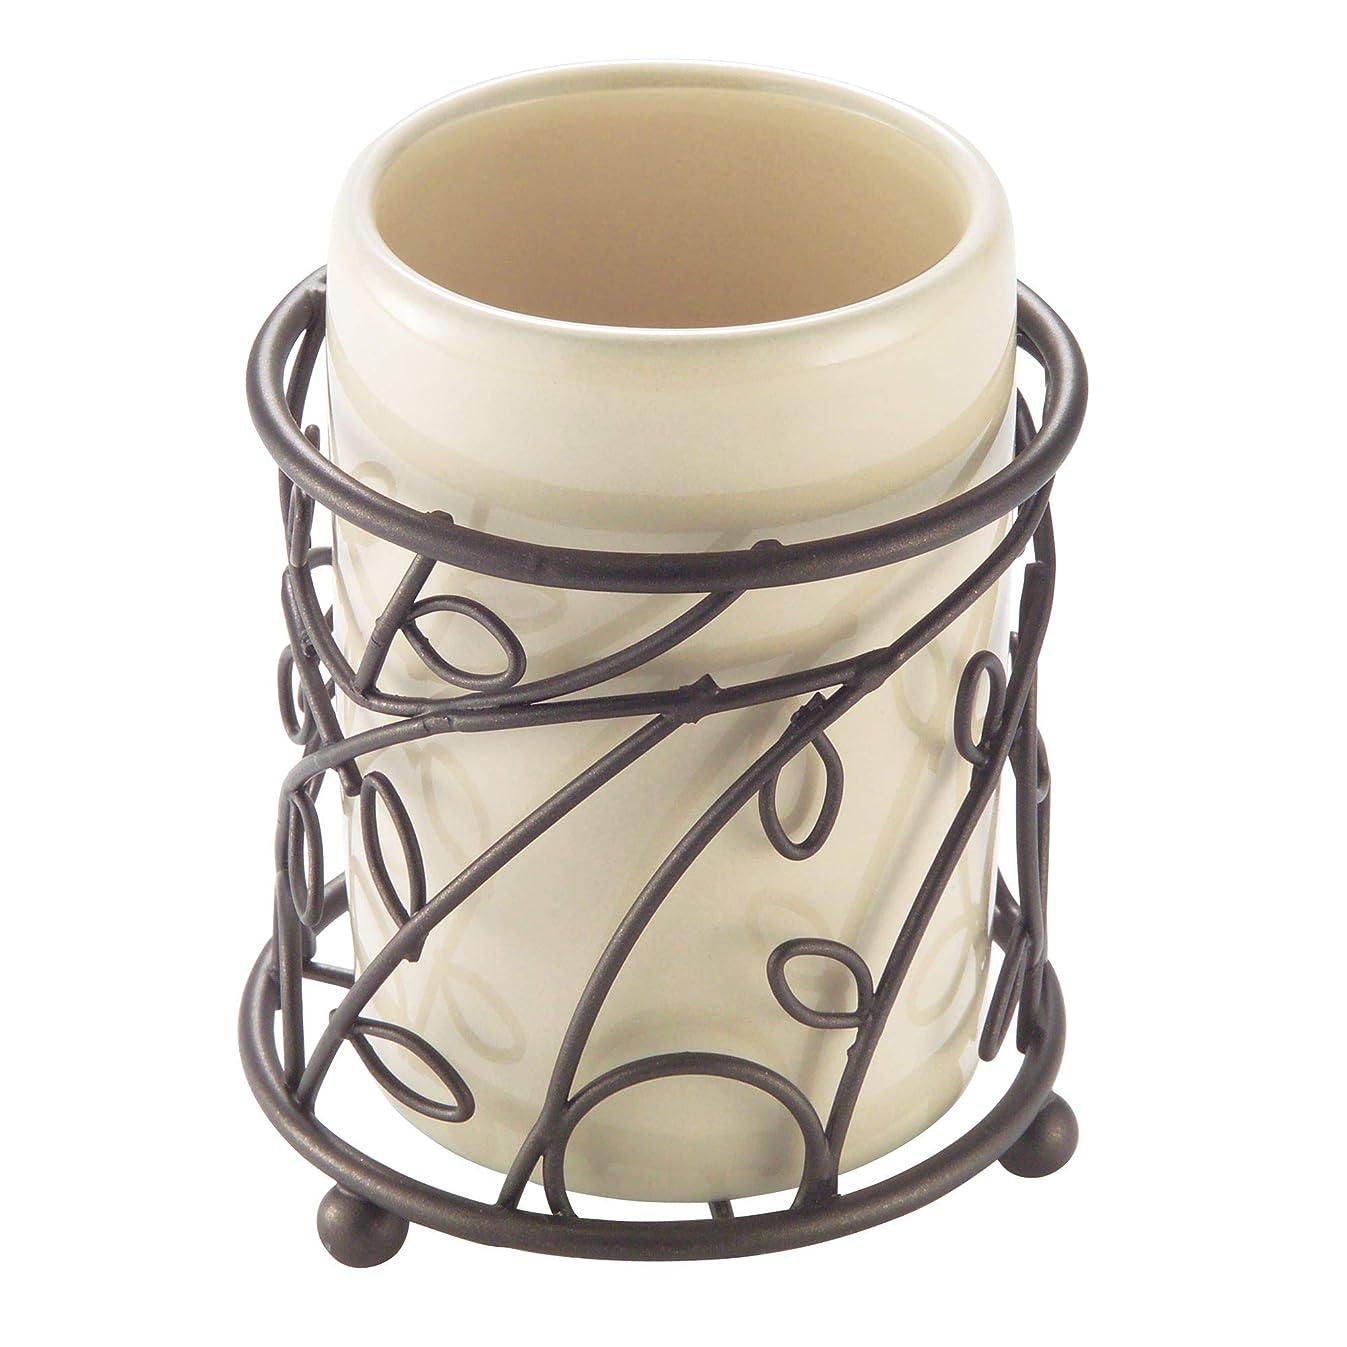 interDesign 76591 Twigz Bath, Tumbler Cup for Bathroom Vanity Countertops - Vanilla/Bronze